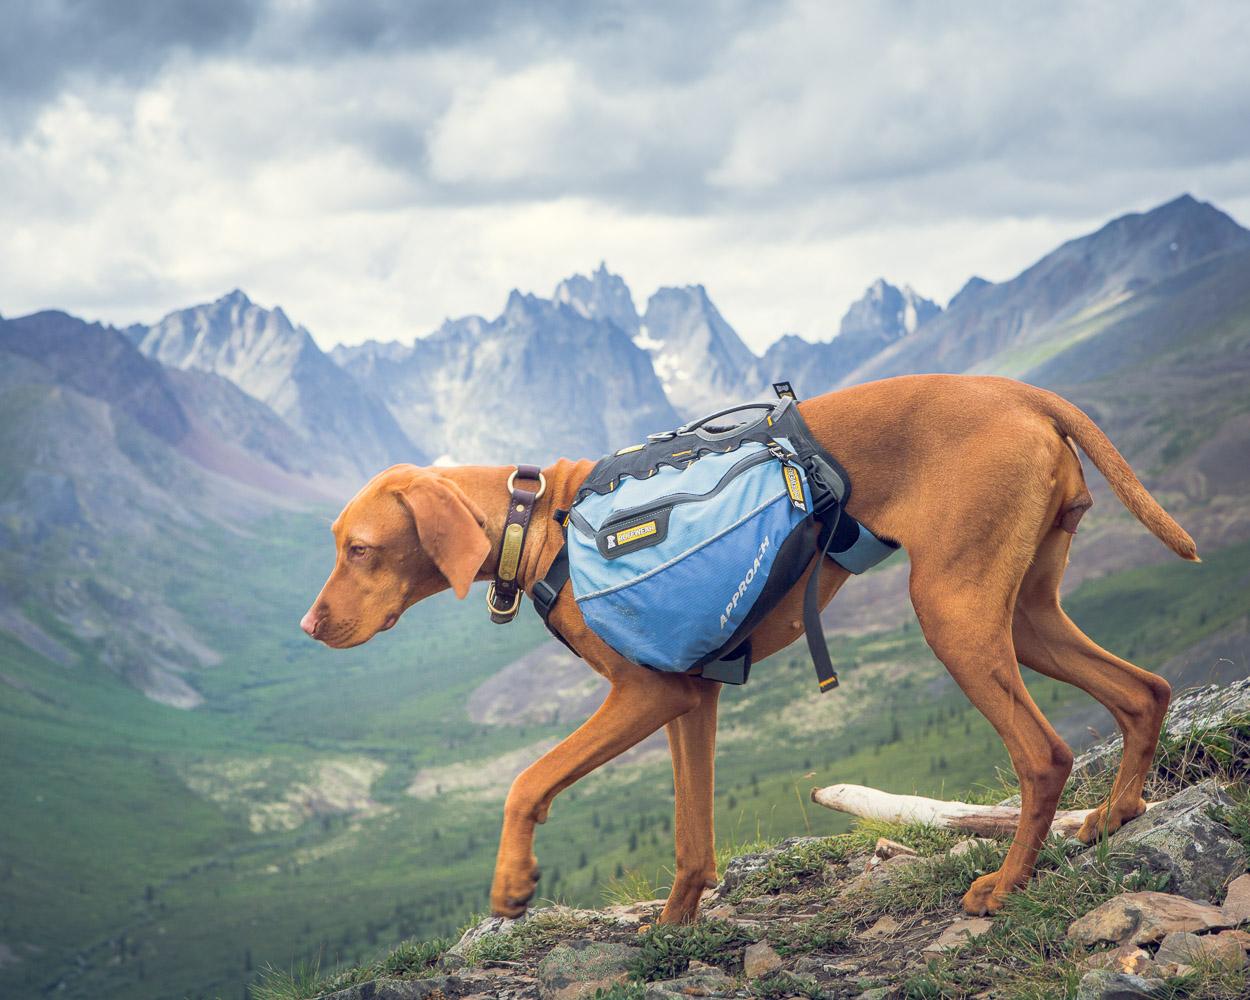 Tombstone, grizzly ridge lake trail, dog hiking backpack